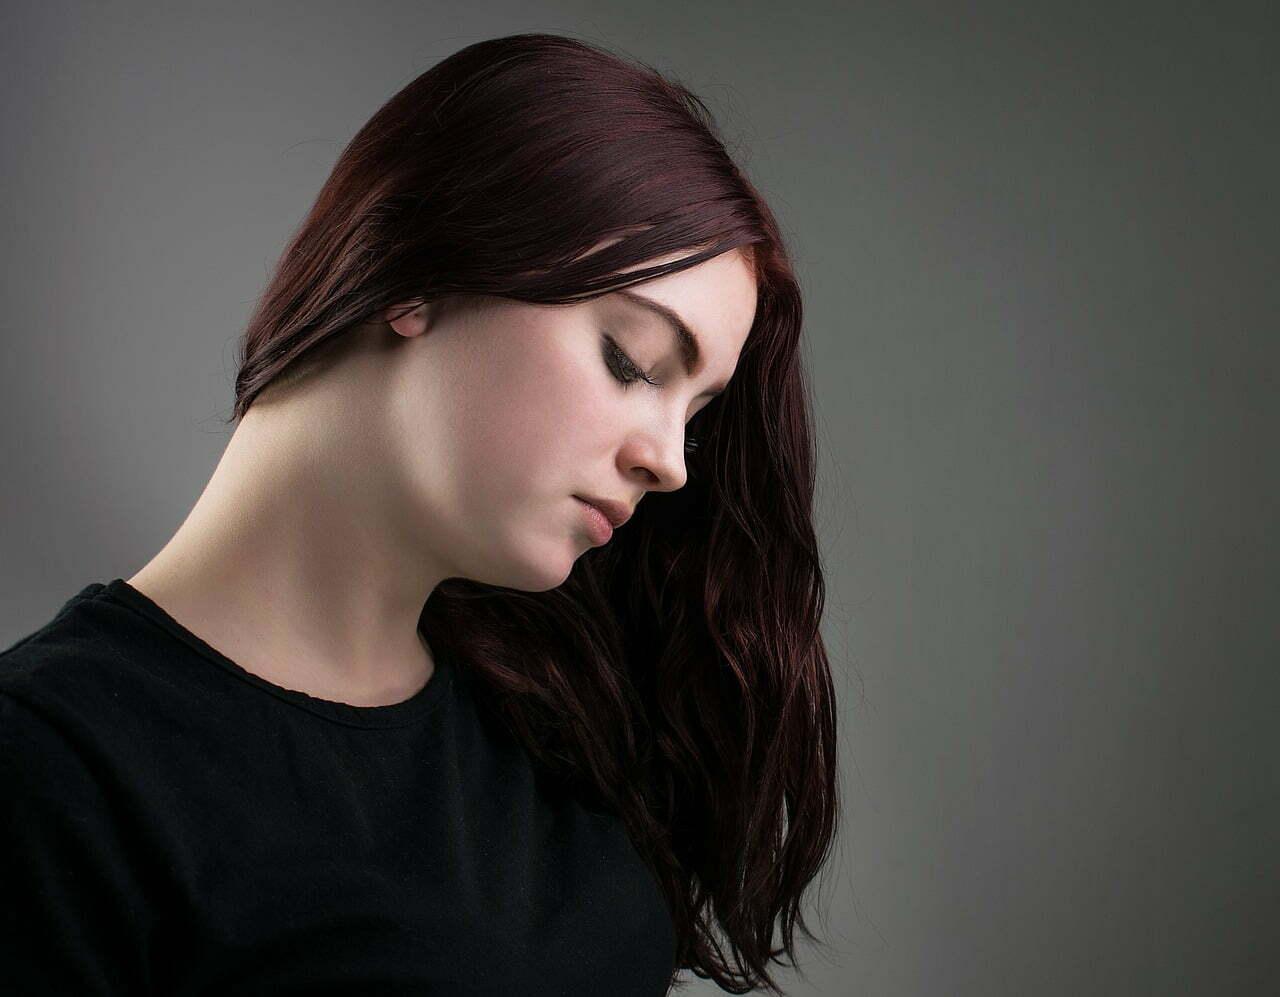 woman thinking dark hair